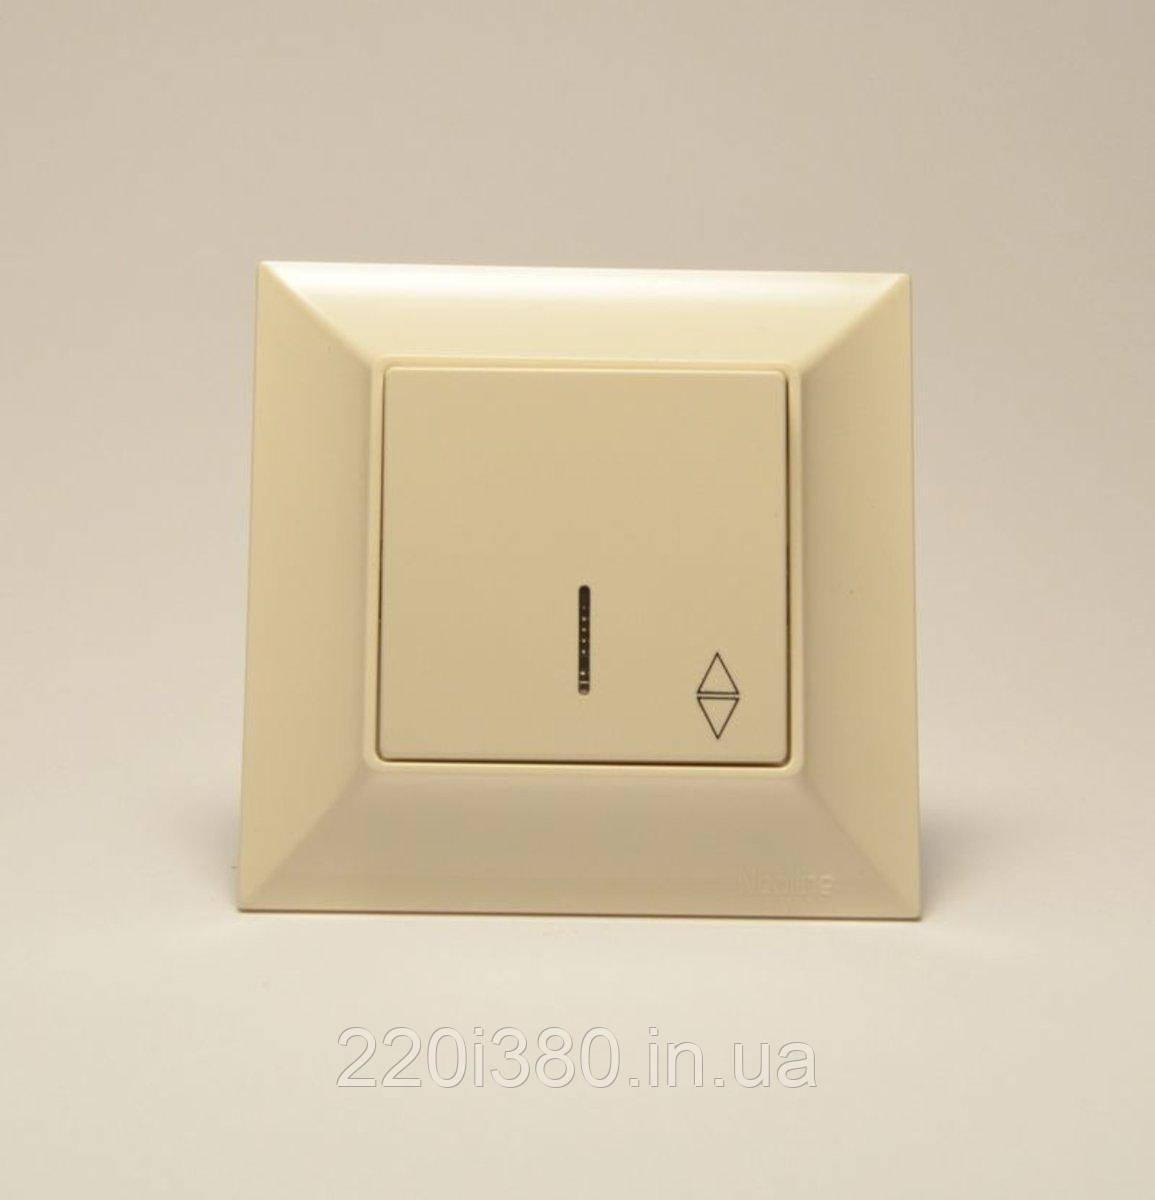 Neoline переключатель 1-ый с подсветкой кремовый